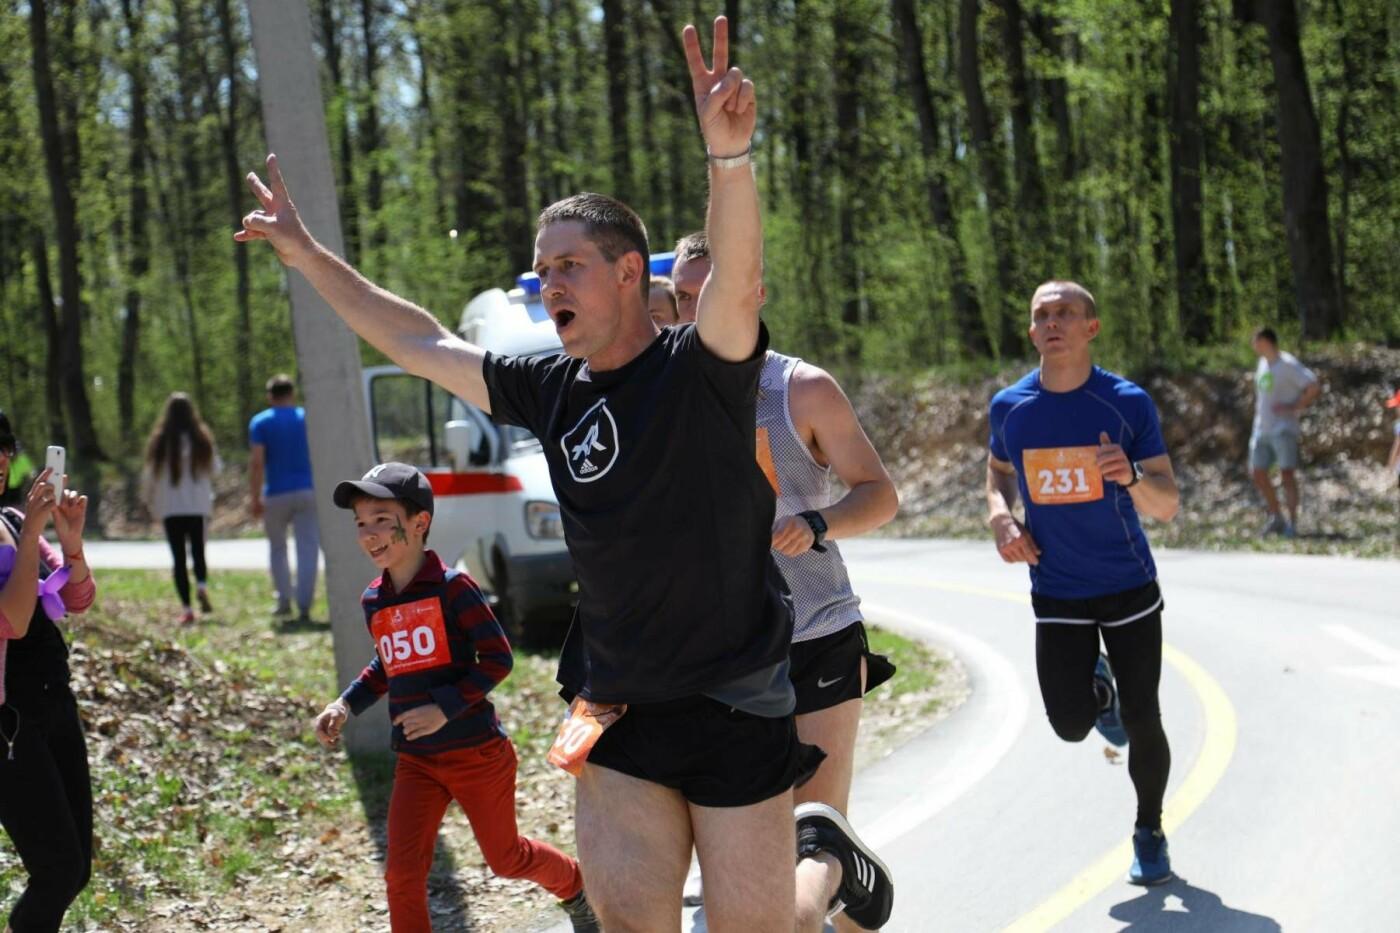 170 белгородцев участвовали в благотворительном марафоне ко Дню Победы, фото-4